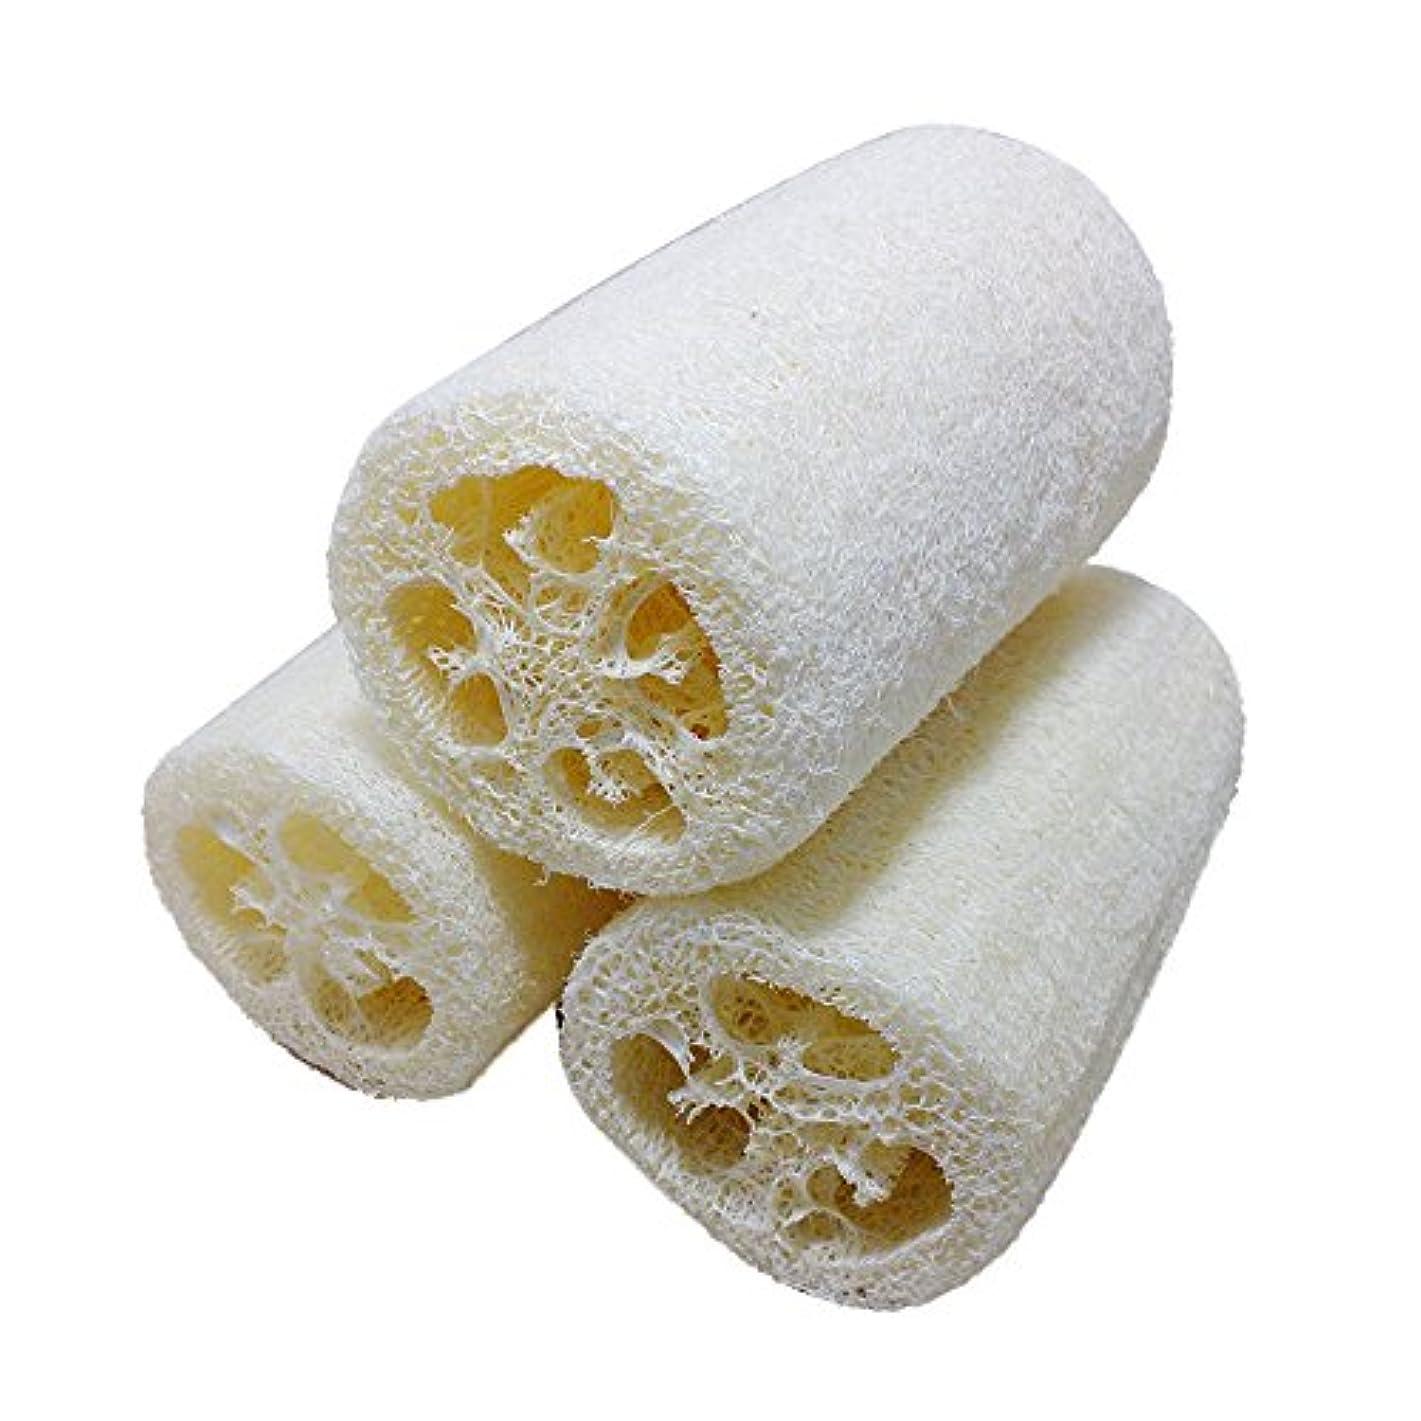 野球膿瘍億天然ヘチマ ボディスポンジ シャワースポンジ ボディブラシ シャワーブラシ 入浴 風呂スポンジ 角質海綿 全身美容 新陳代謝を促進 角質除去 マッサージ SPA ルーファ ボディウォッシュボール (3pc)